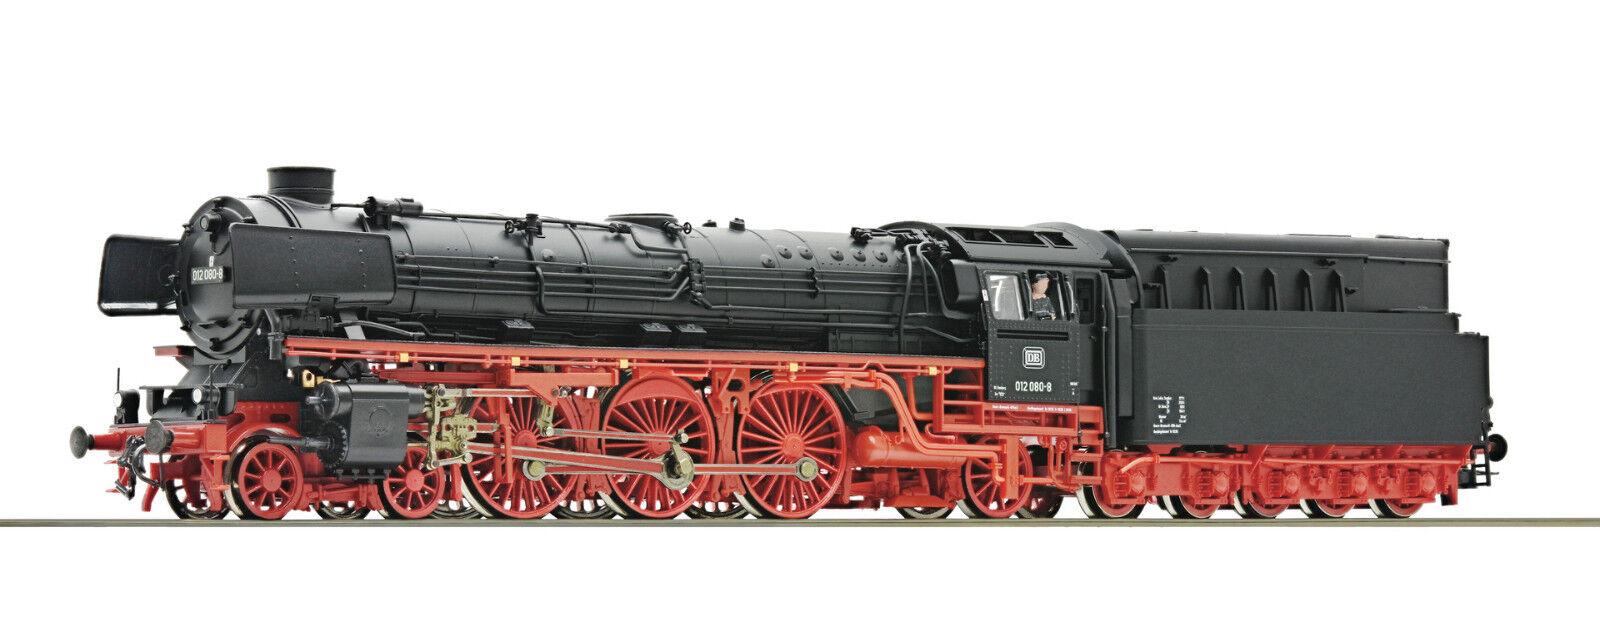 ventas en línea de venta Roco 72136-locomotora a vapor br 012 080, DB, Época IV, IV, IV, pista h0, nuevo & OVP  Ven a elegir tu propio estilo deportivo.